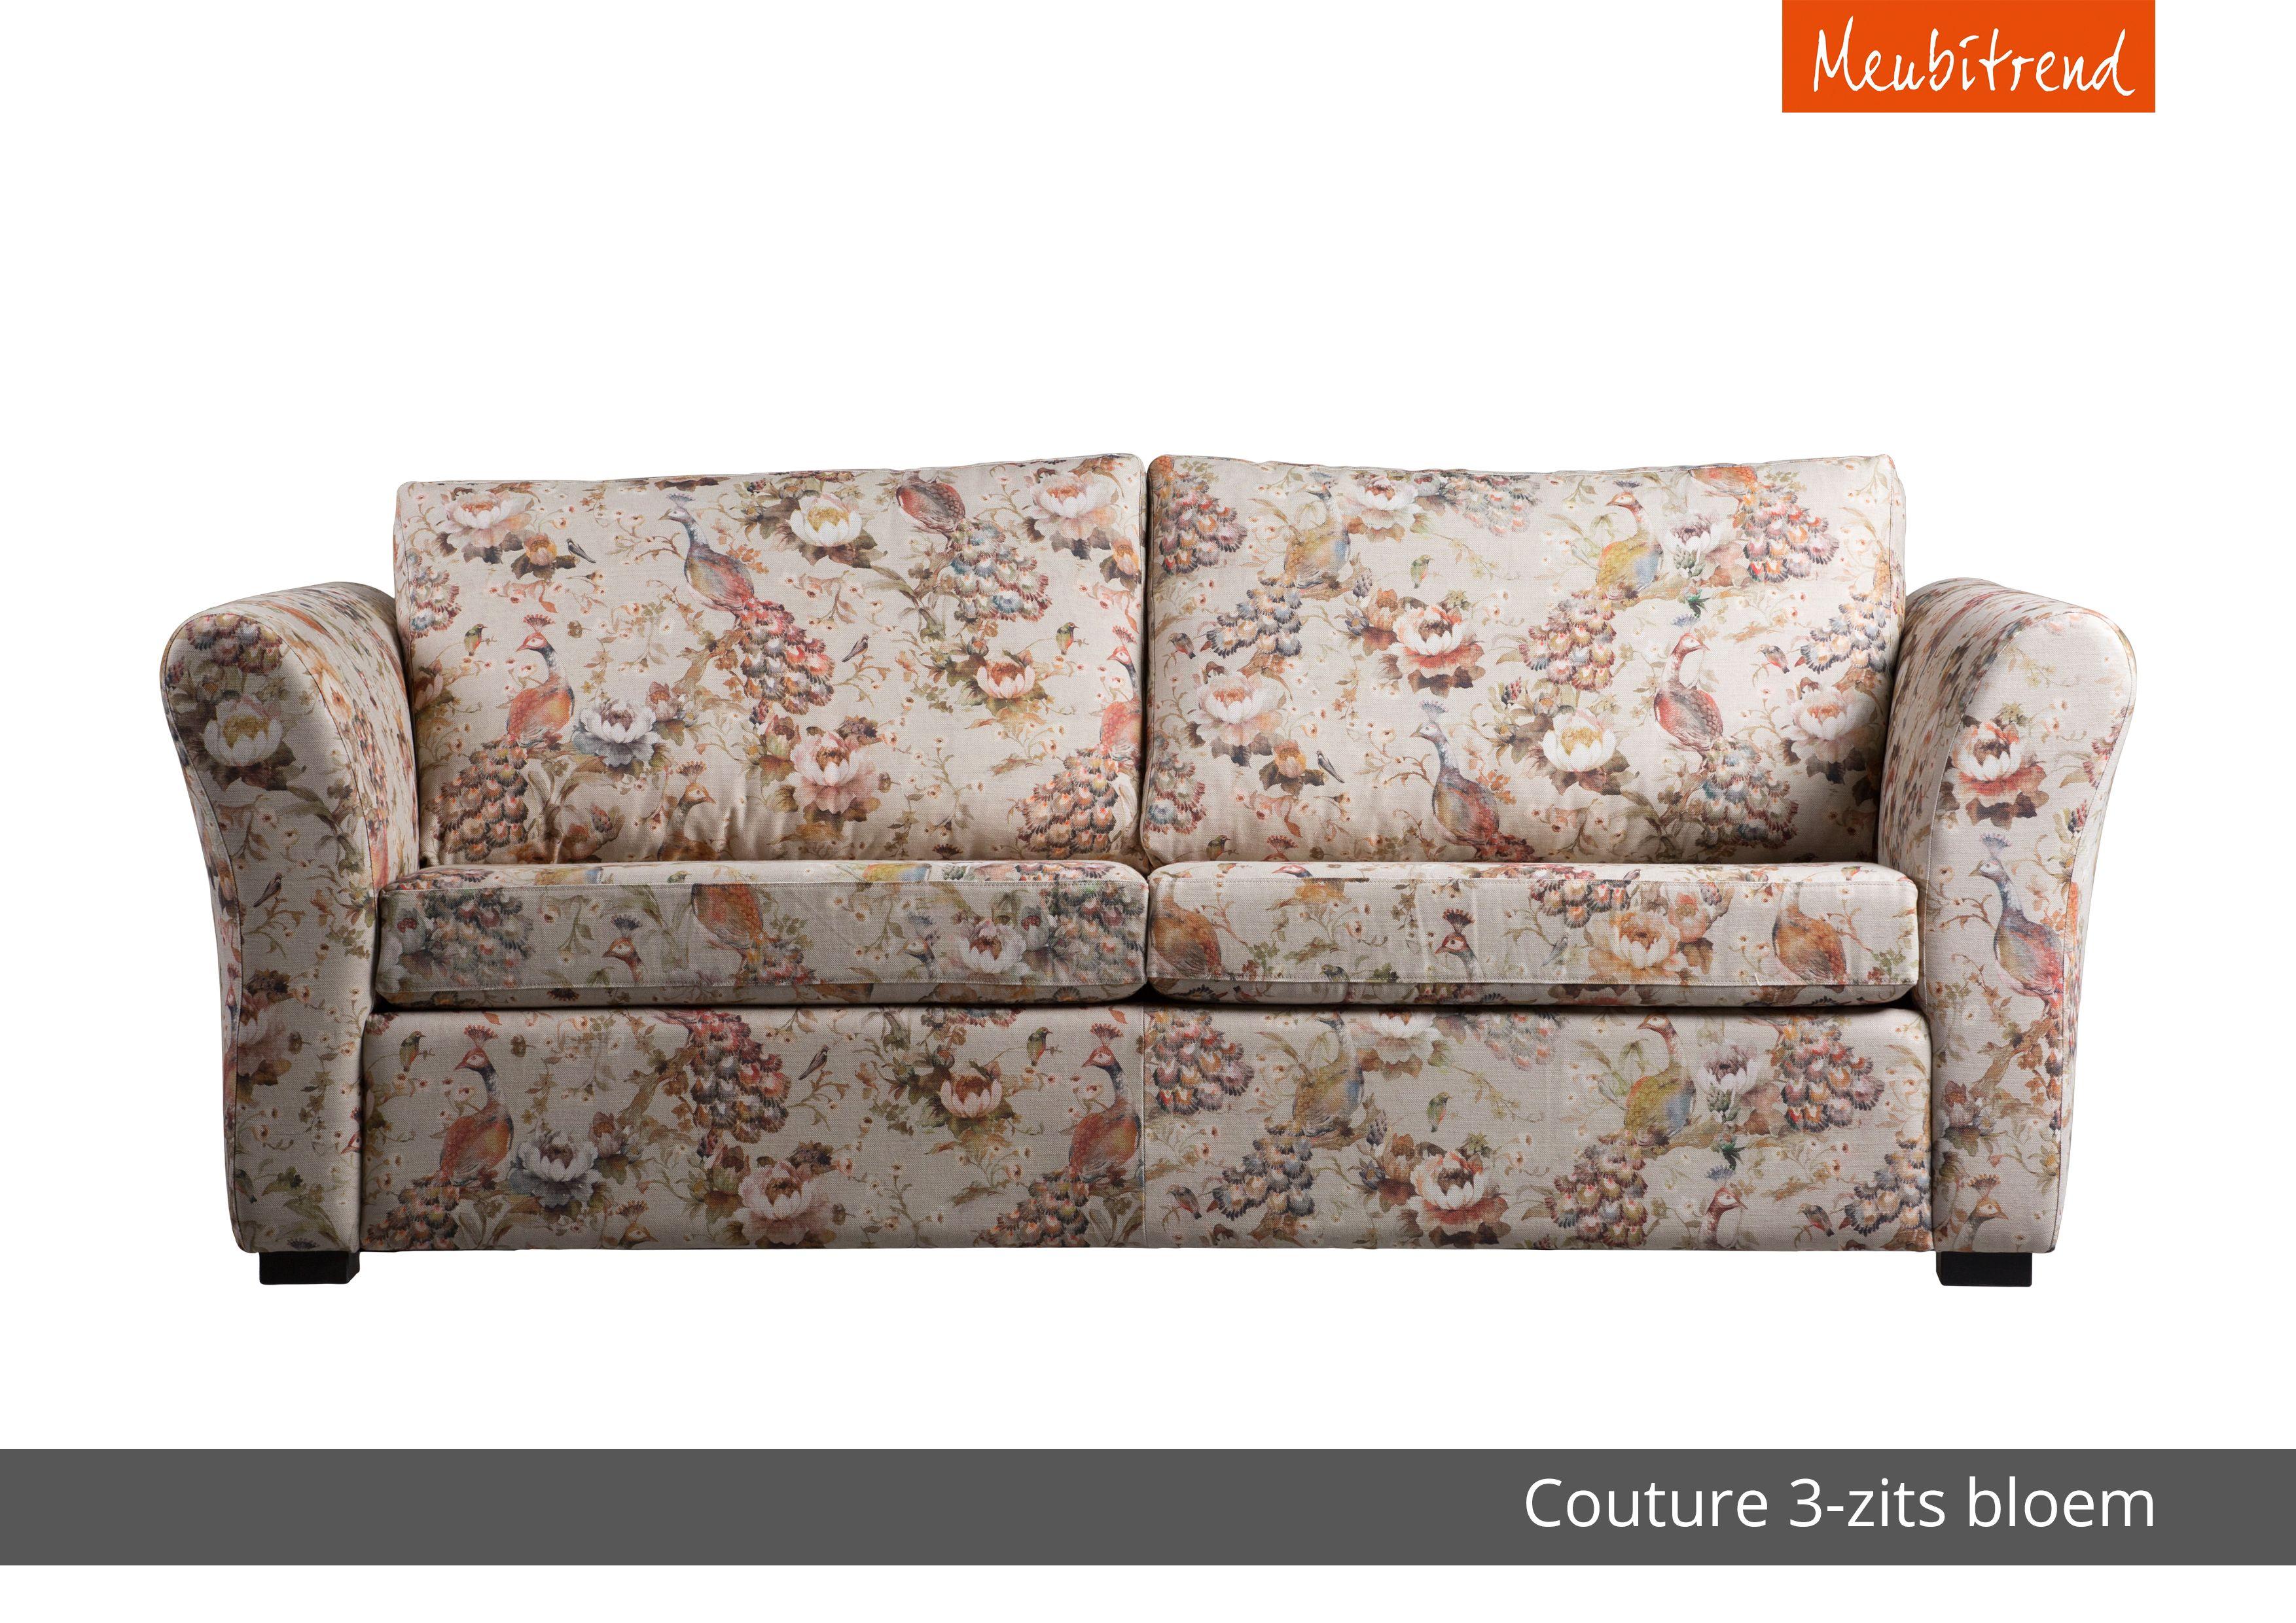 couture bank sofa mogelijkheden ronde arm gebloemde stof inspiratie - Banksofa